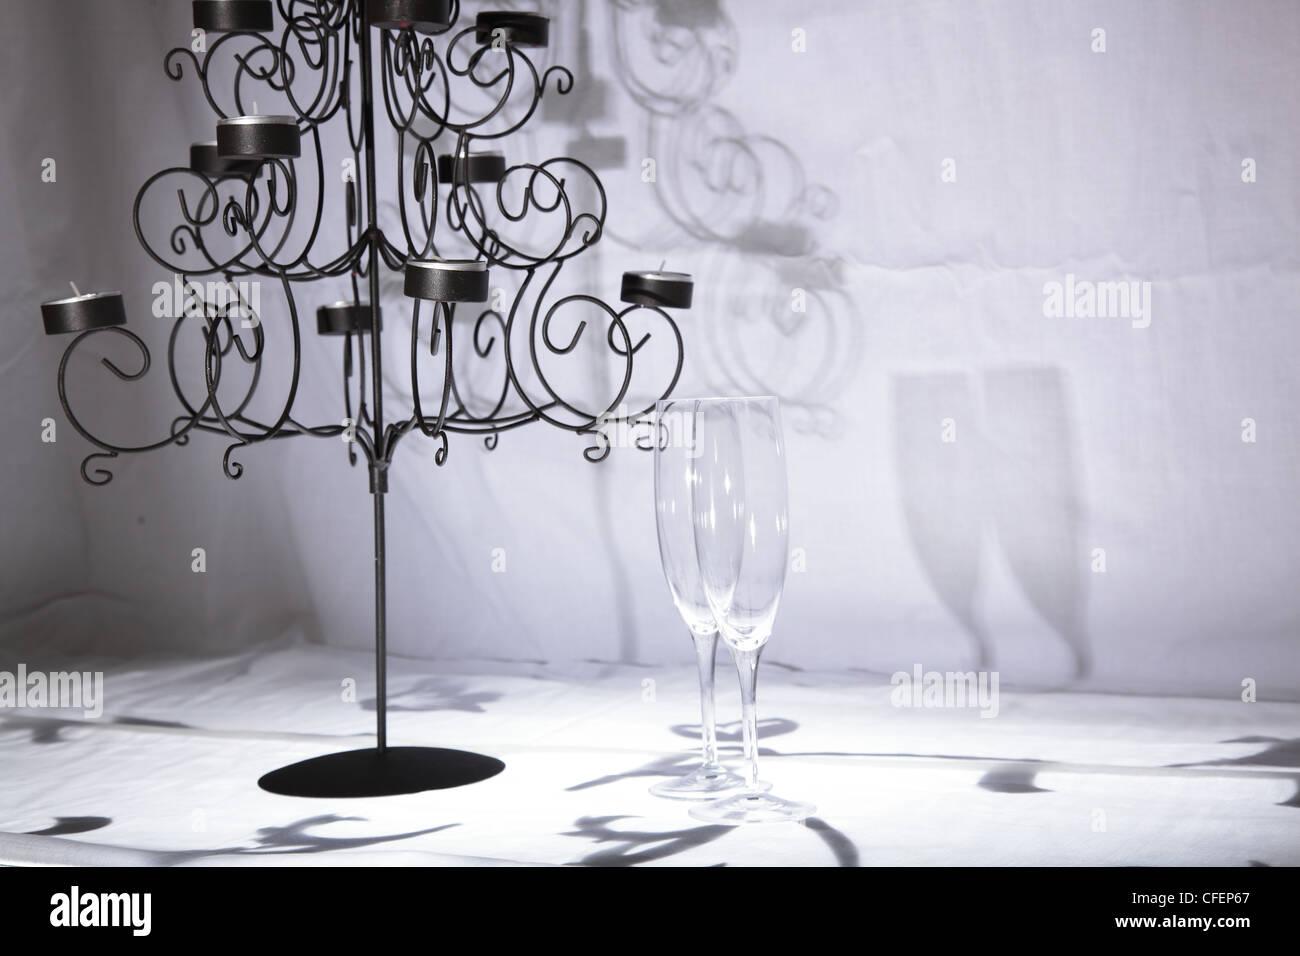 Zwei kristall glas champagner flöten neben gotischen stil